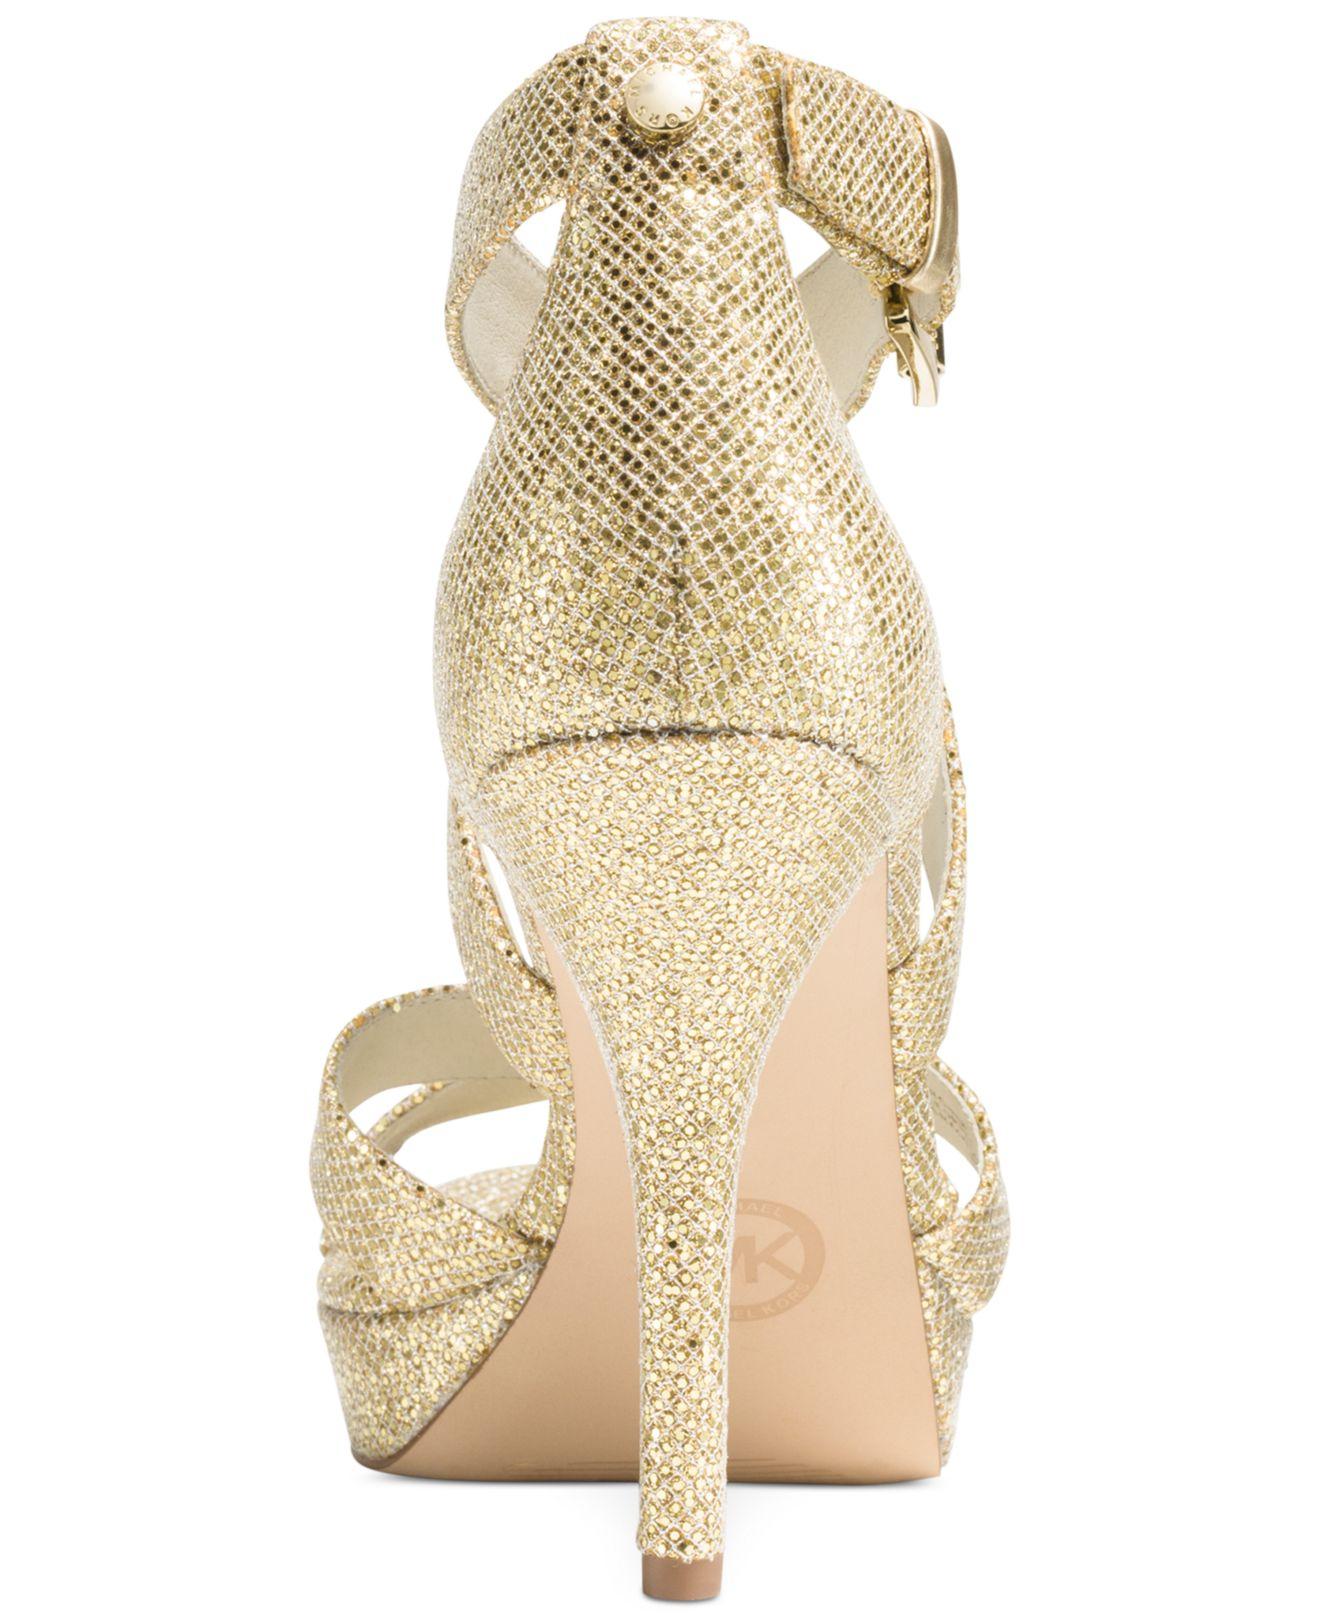 michael kors michael evie platform sandals in gold gold. Black Bedroom Furniture Sets. Home Design Ideas